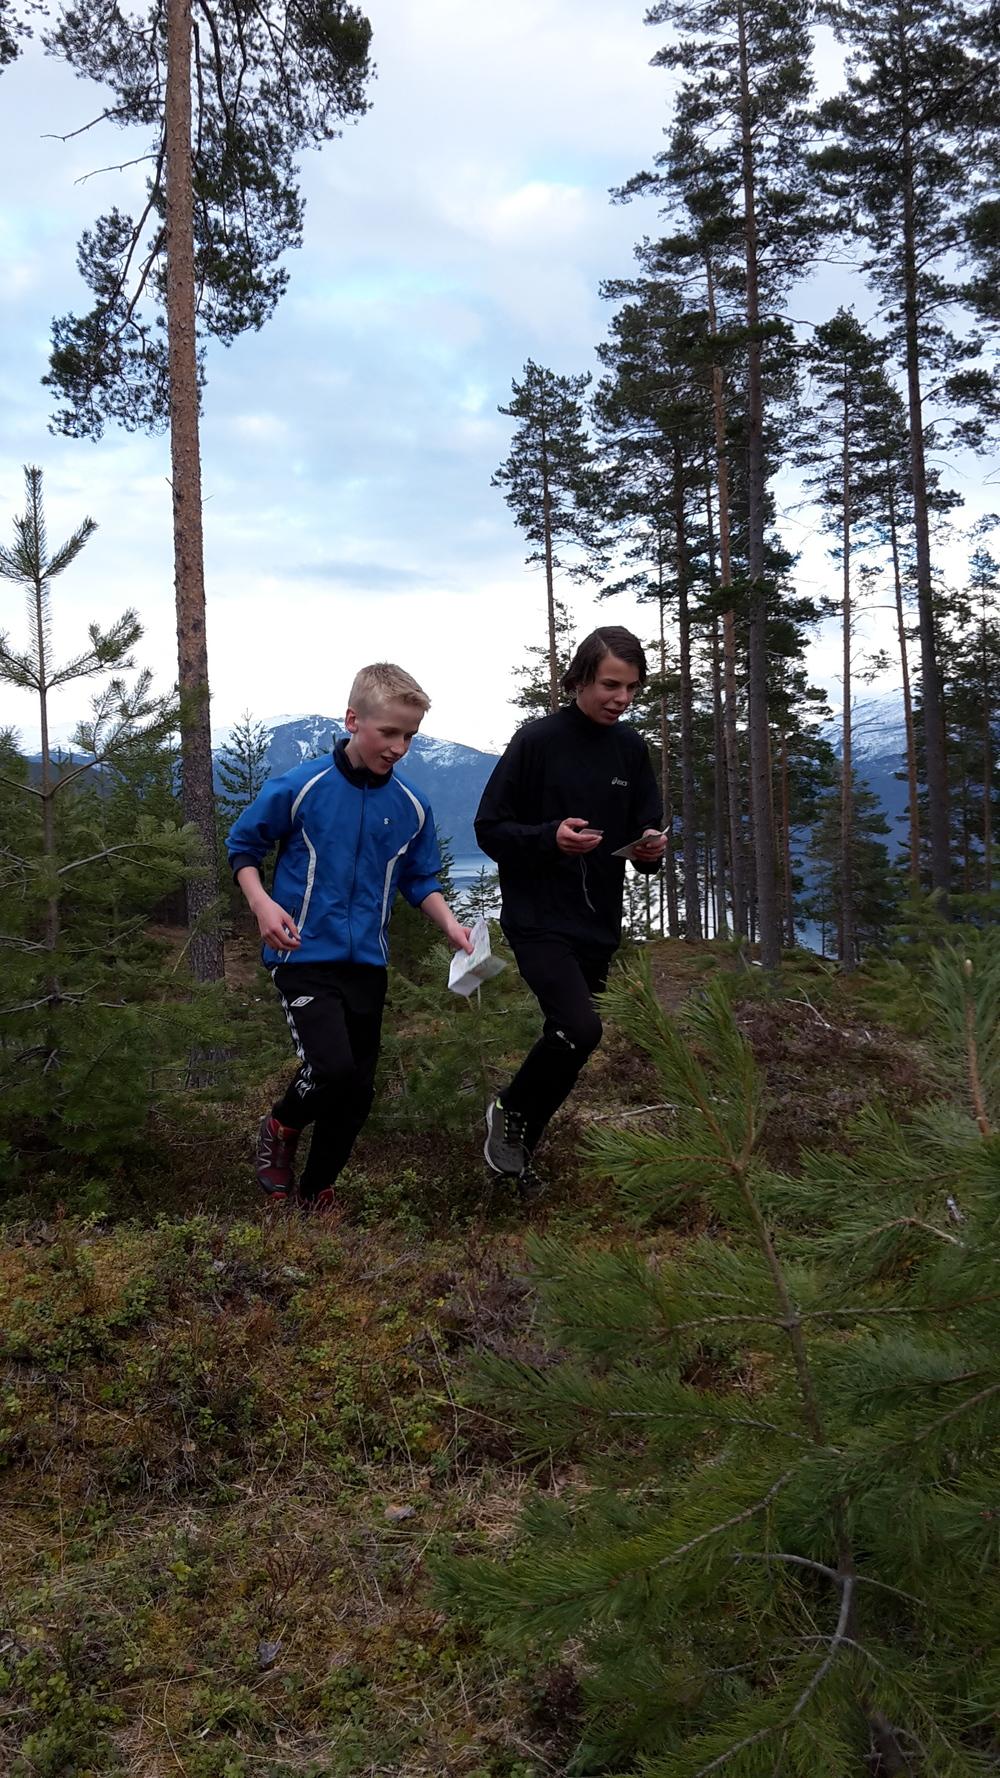 Spreke o-løparar og speidarar i fint driv i skogen.